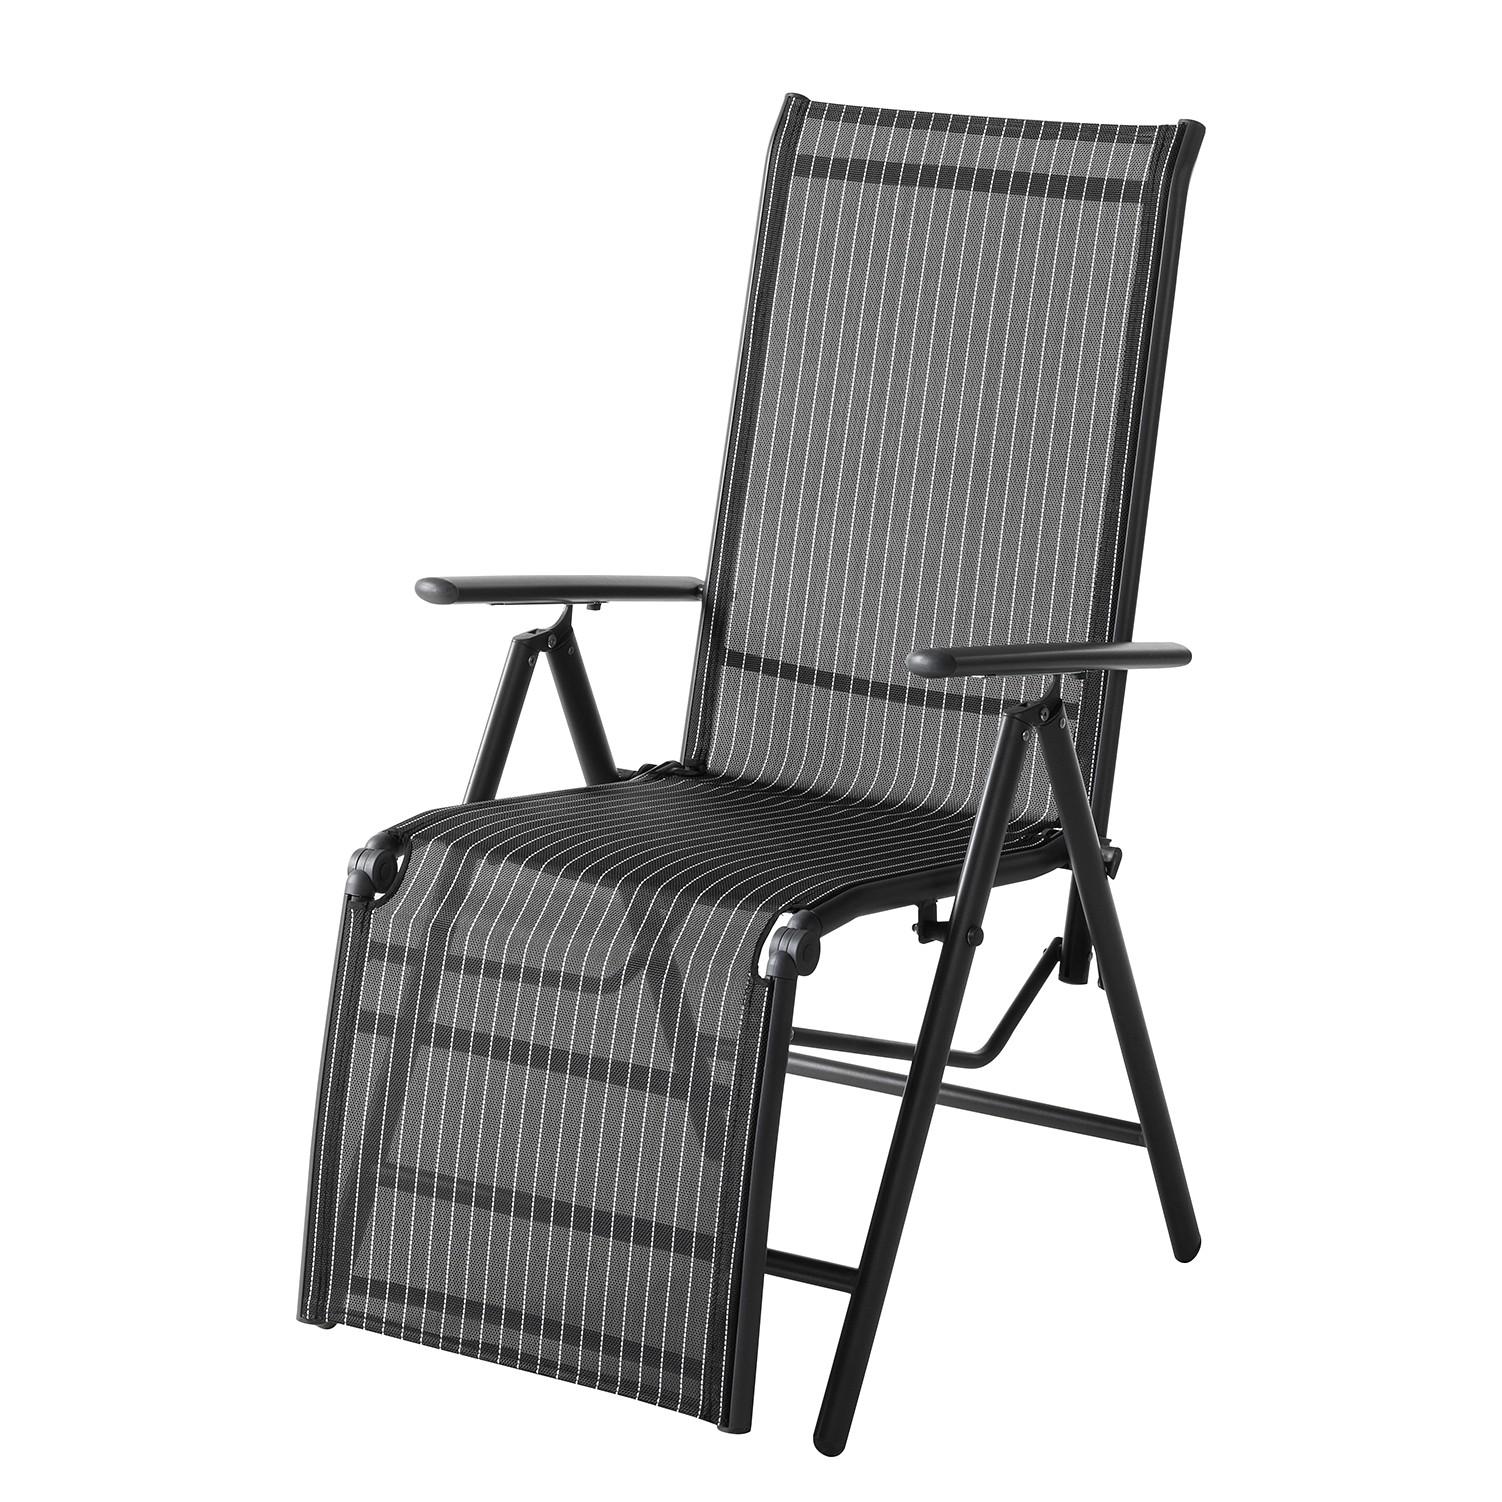 Chaise de jardin Linu I - Textilène / Aluminium - Noir / Gris, mooved